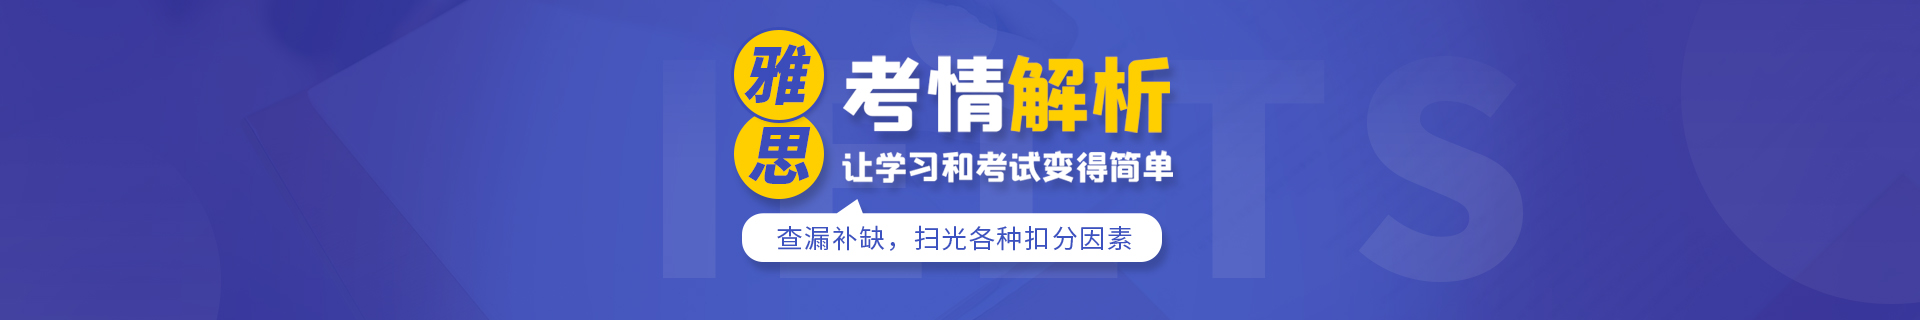 南京鼓楼区中山东路环球教育